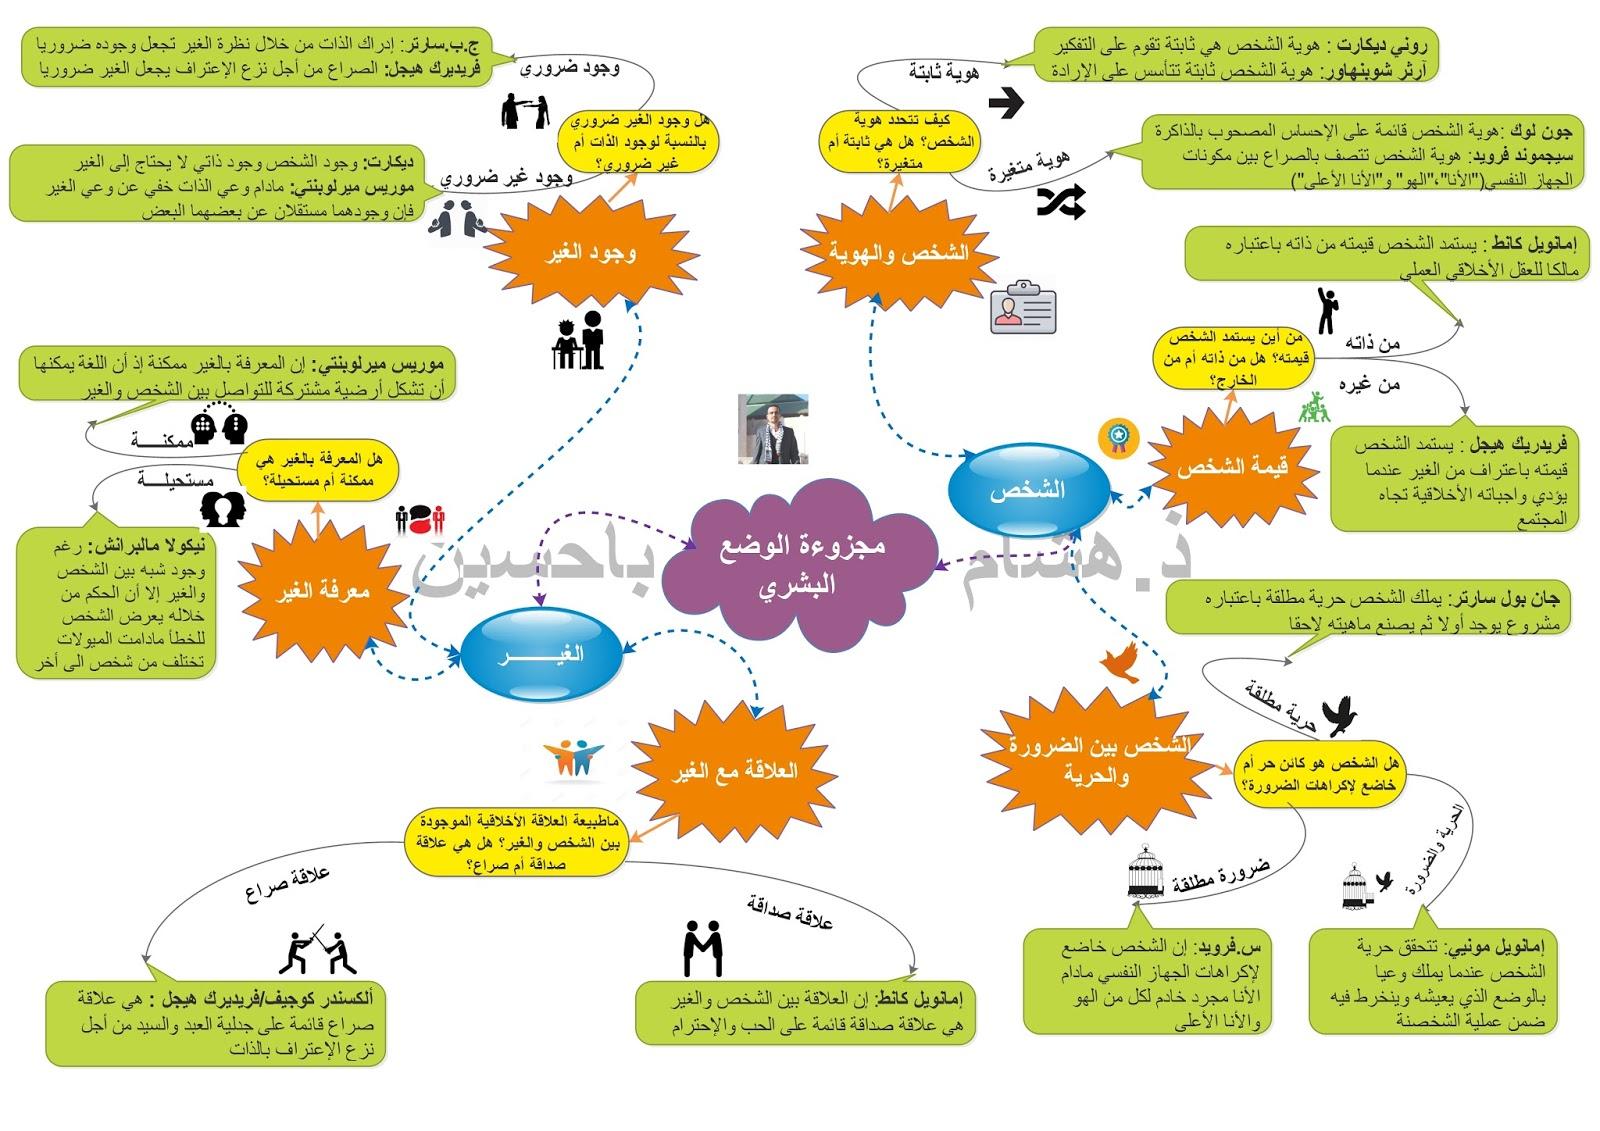 خرائط ذهنية للحفظ في مادة التاريخ دروس و ملخصات و مواضيع